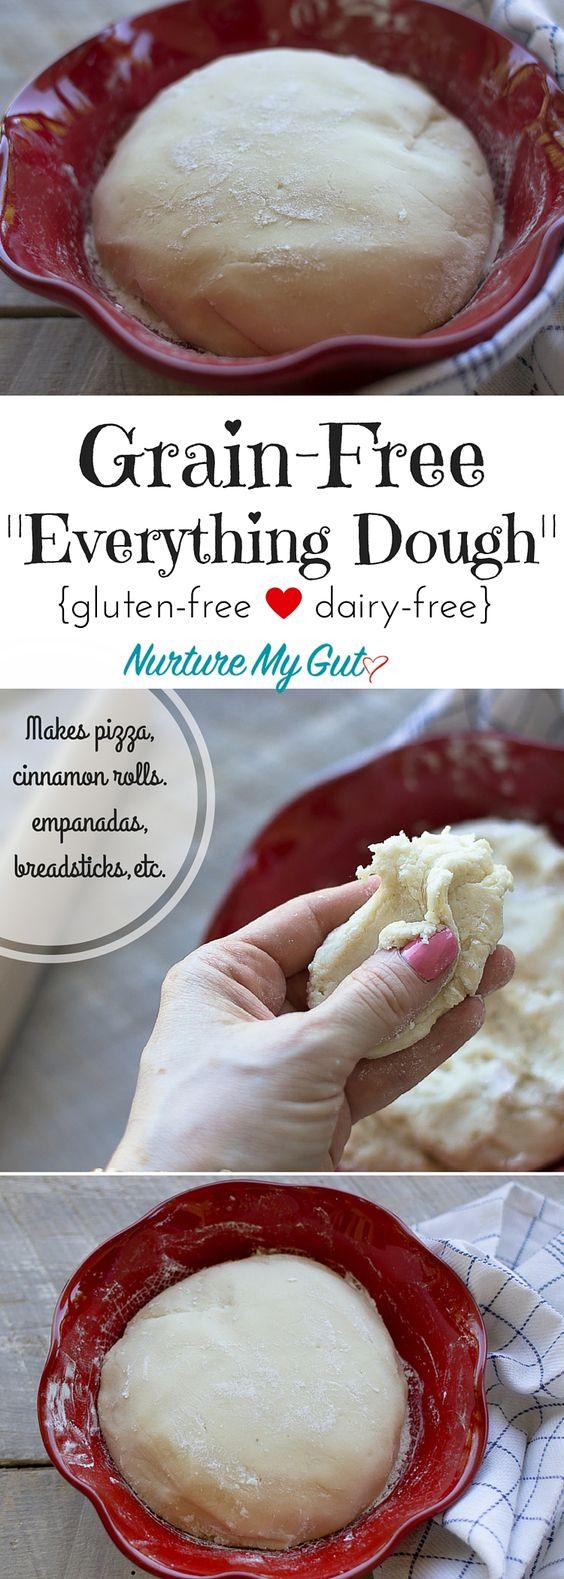 Grain-Free-Everything-Dough | Nurture My Gut